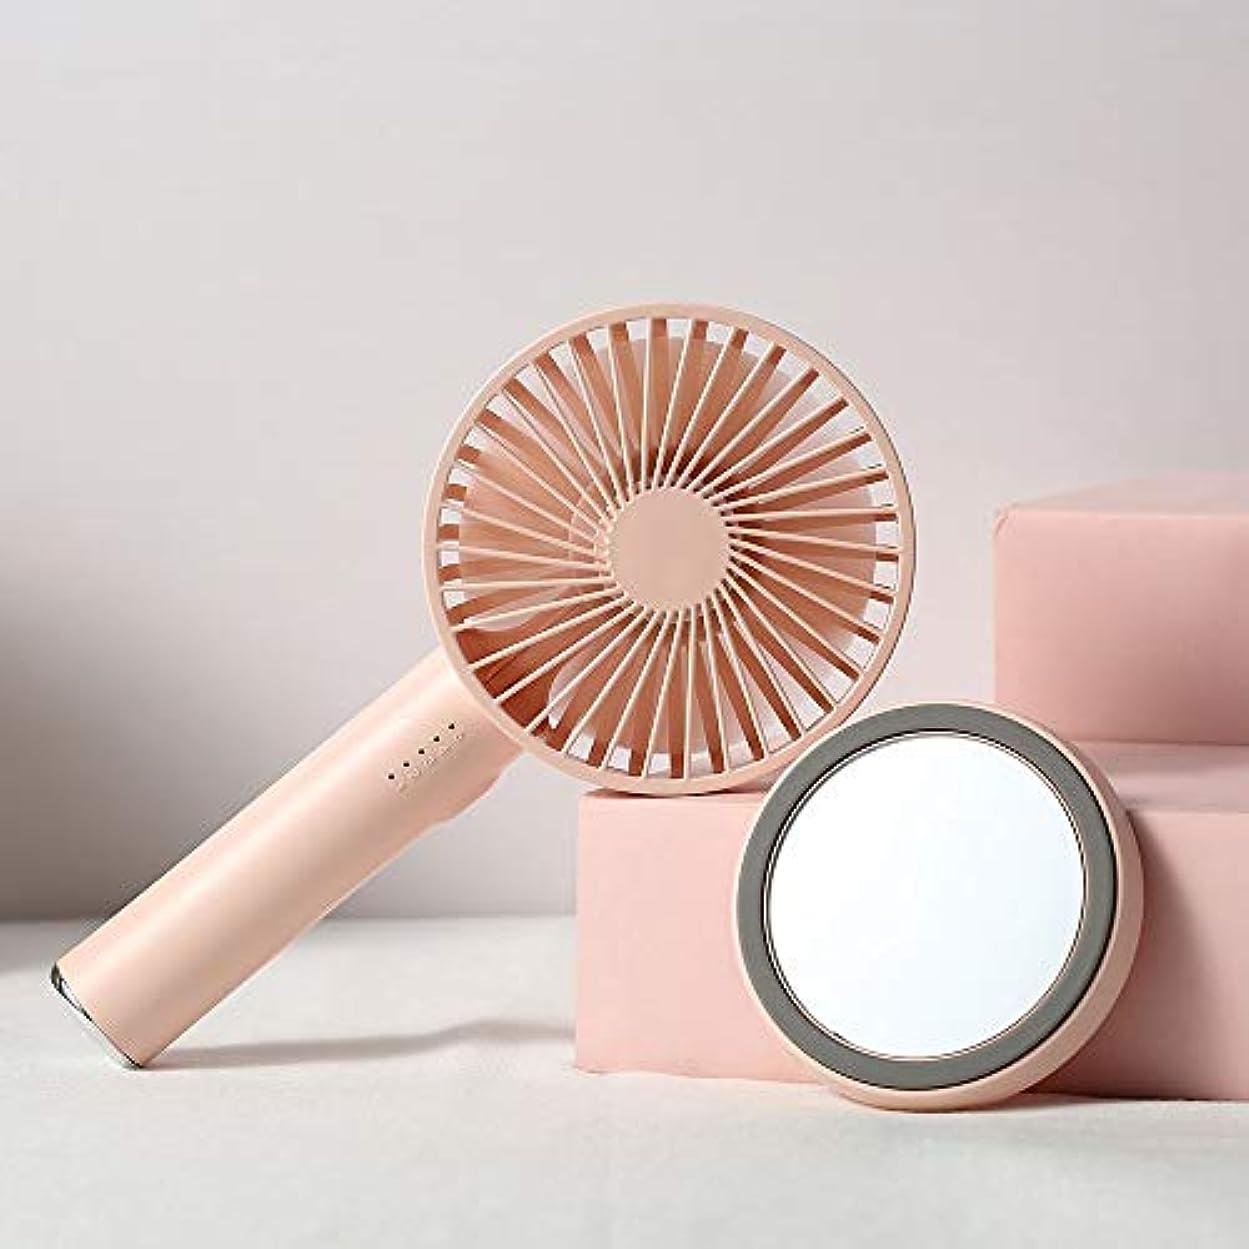 報復購入移行する流行の クリエイティブ新しいファンの化粧鏡の手持ち型の無声ファン5速調整ポータブル屋外の美しさのミラーミラー2つの黄色のモデルピンク (色 : Pink)